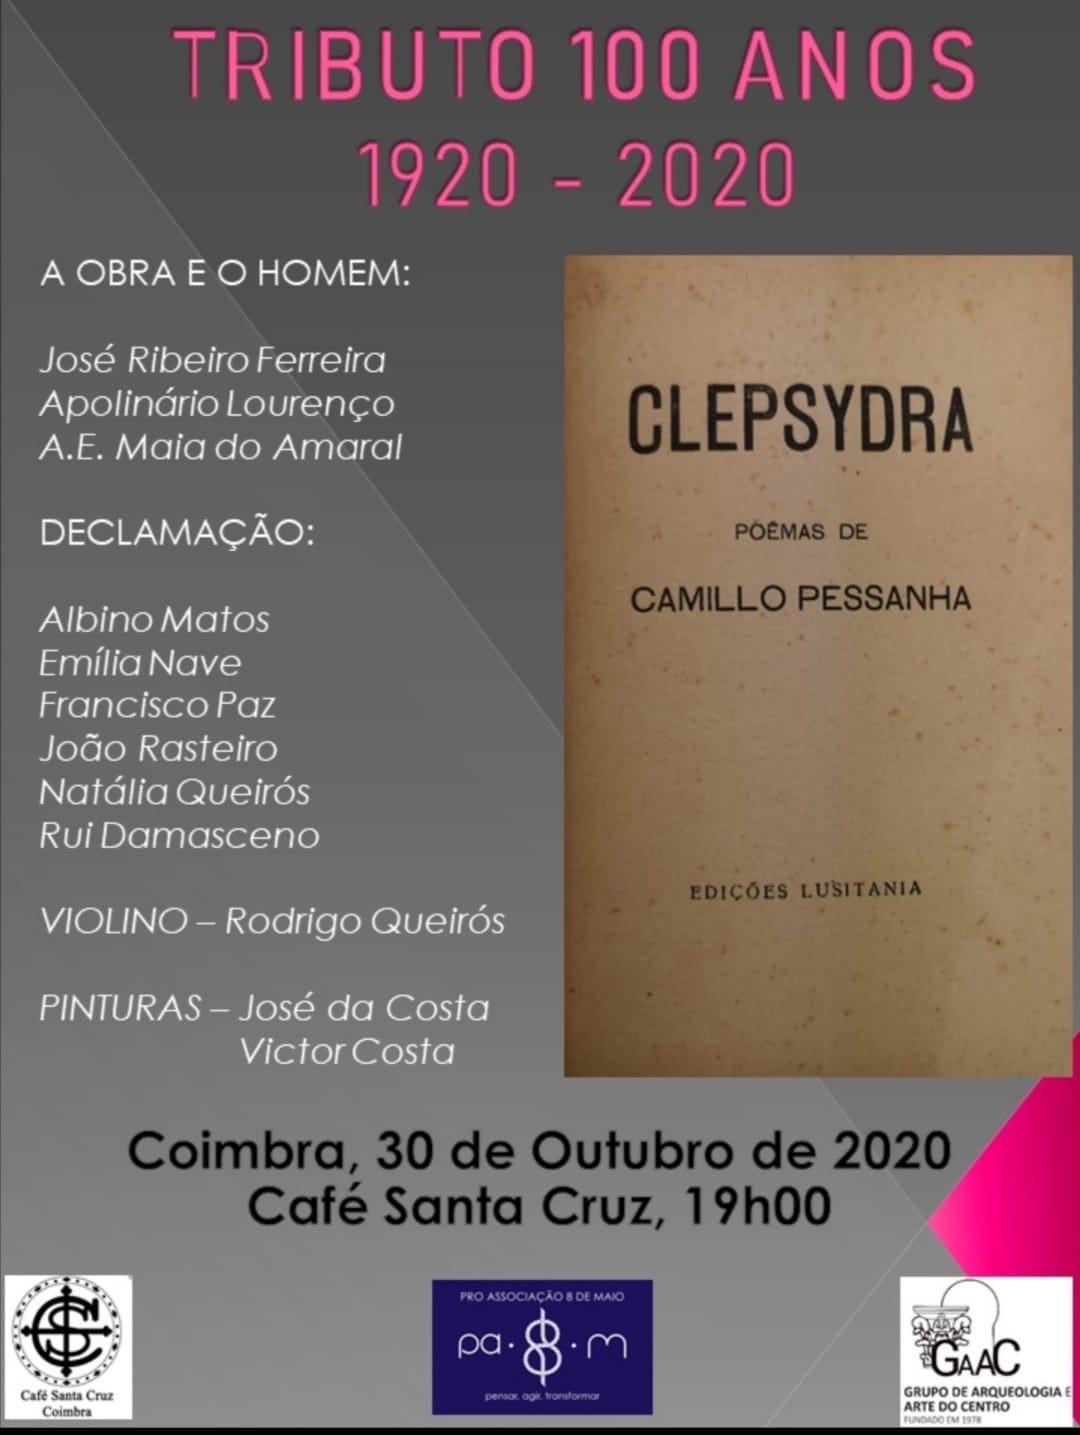 Tributo 100 anos_Clepsidra_301020_Café Santa Cruz_Coimbra